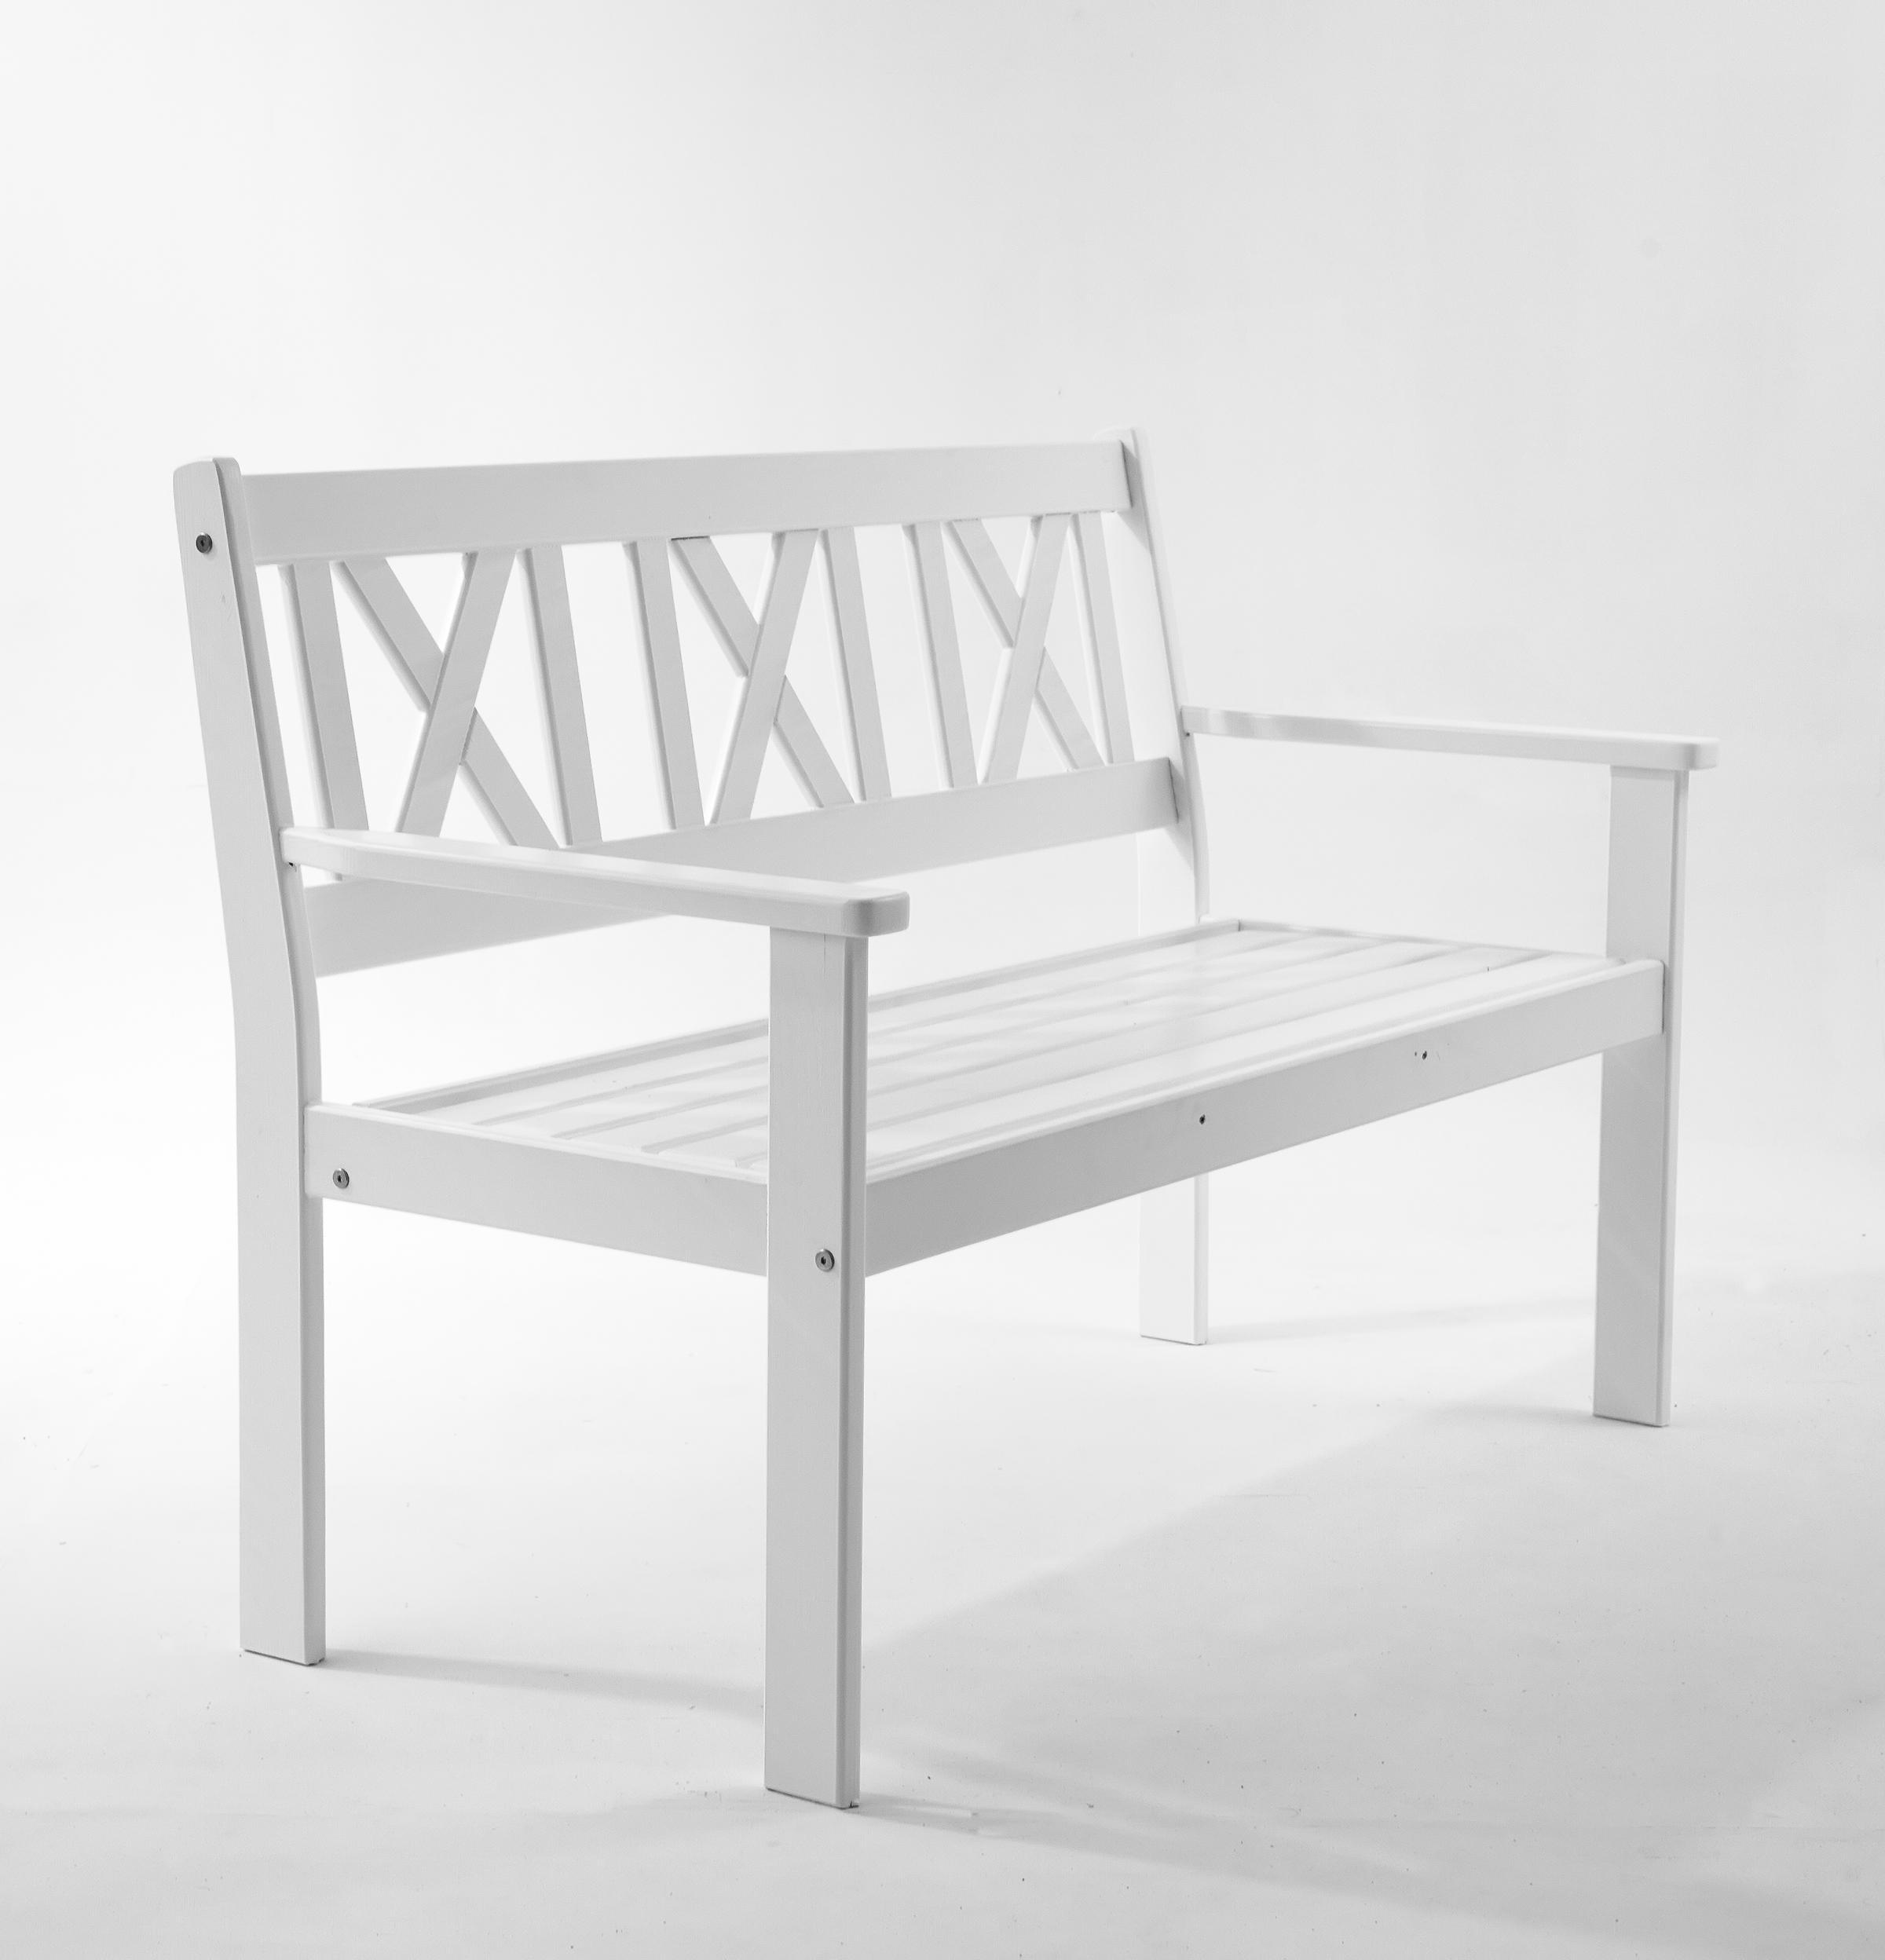 ambientehome gartenbank 2 sitzer bank massivholz holzbank evje wei. Black Bedroom Furniture Sets. Home Design Ideas